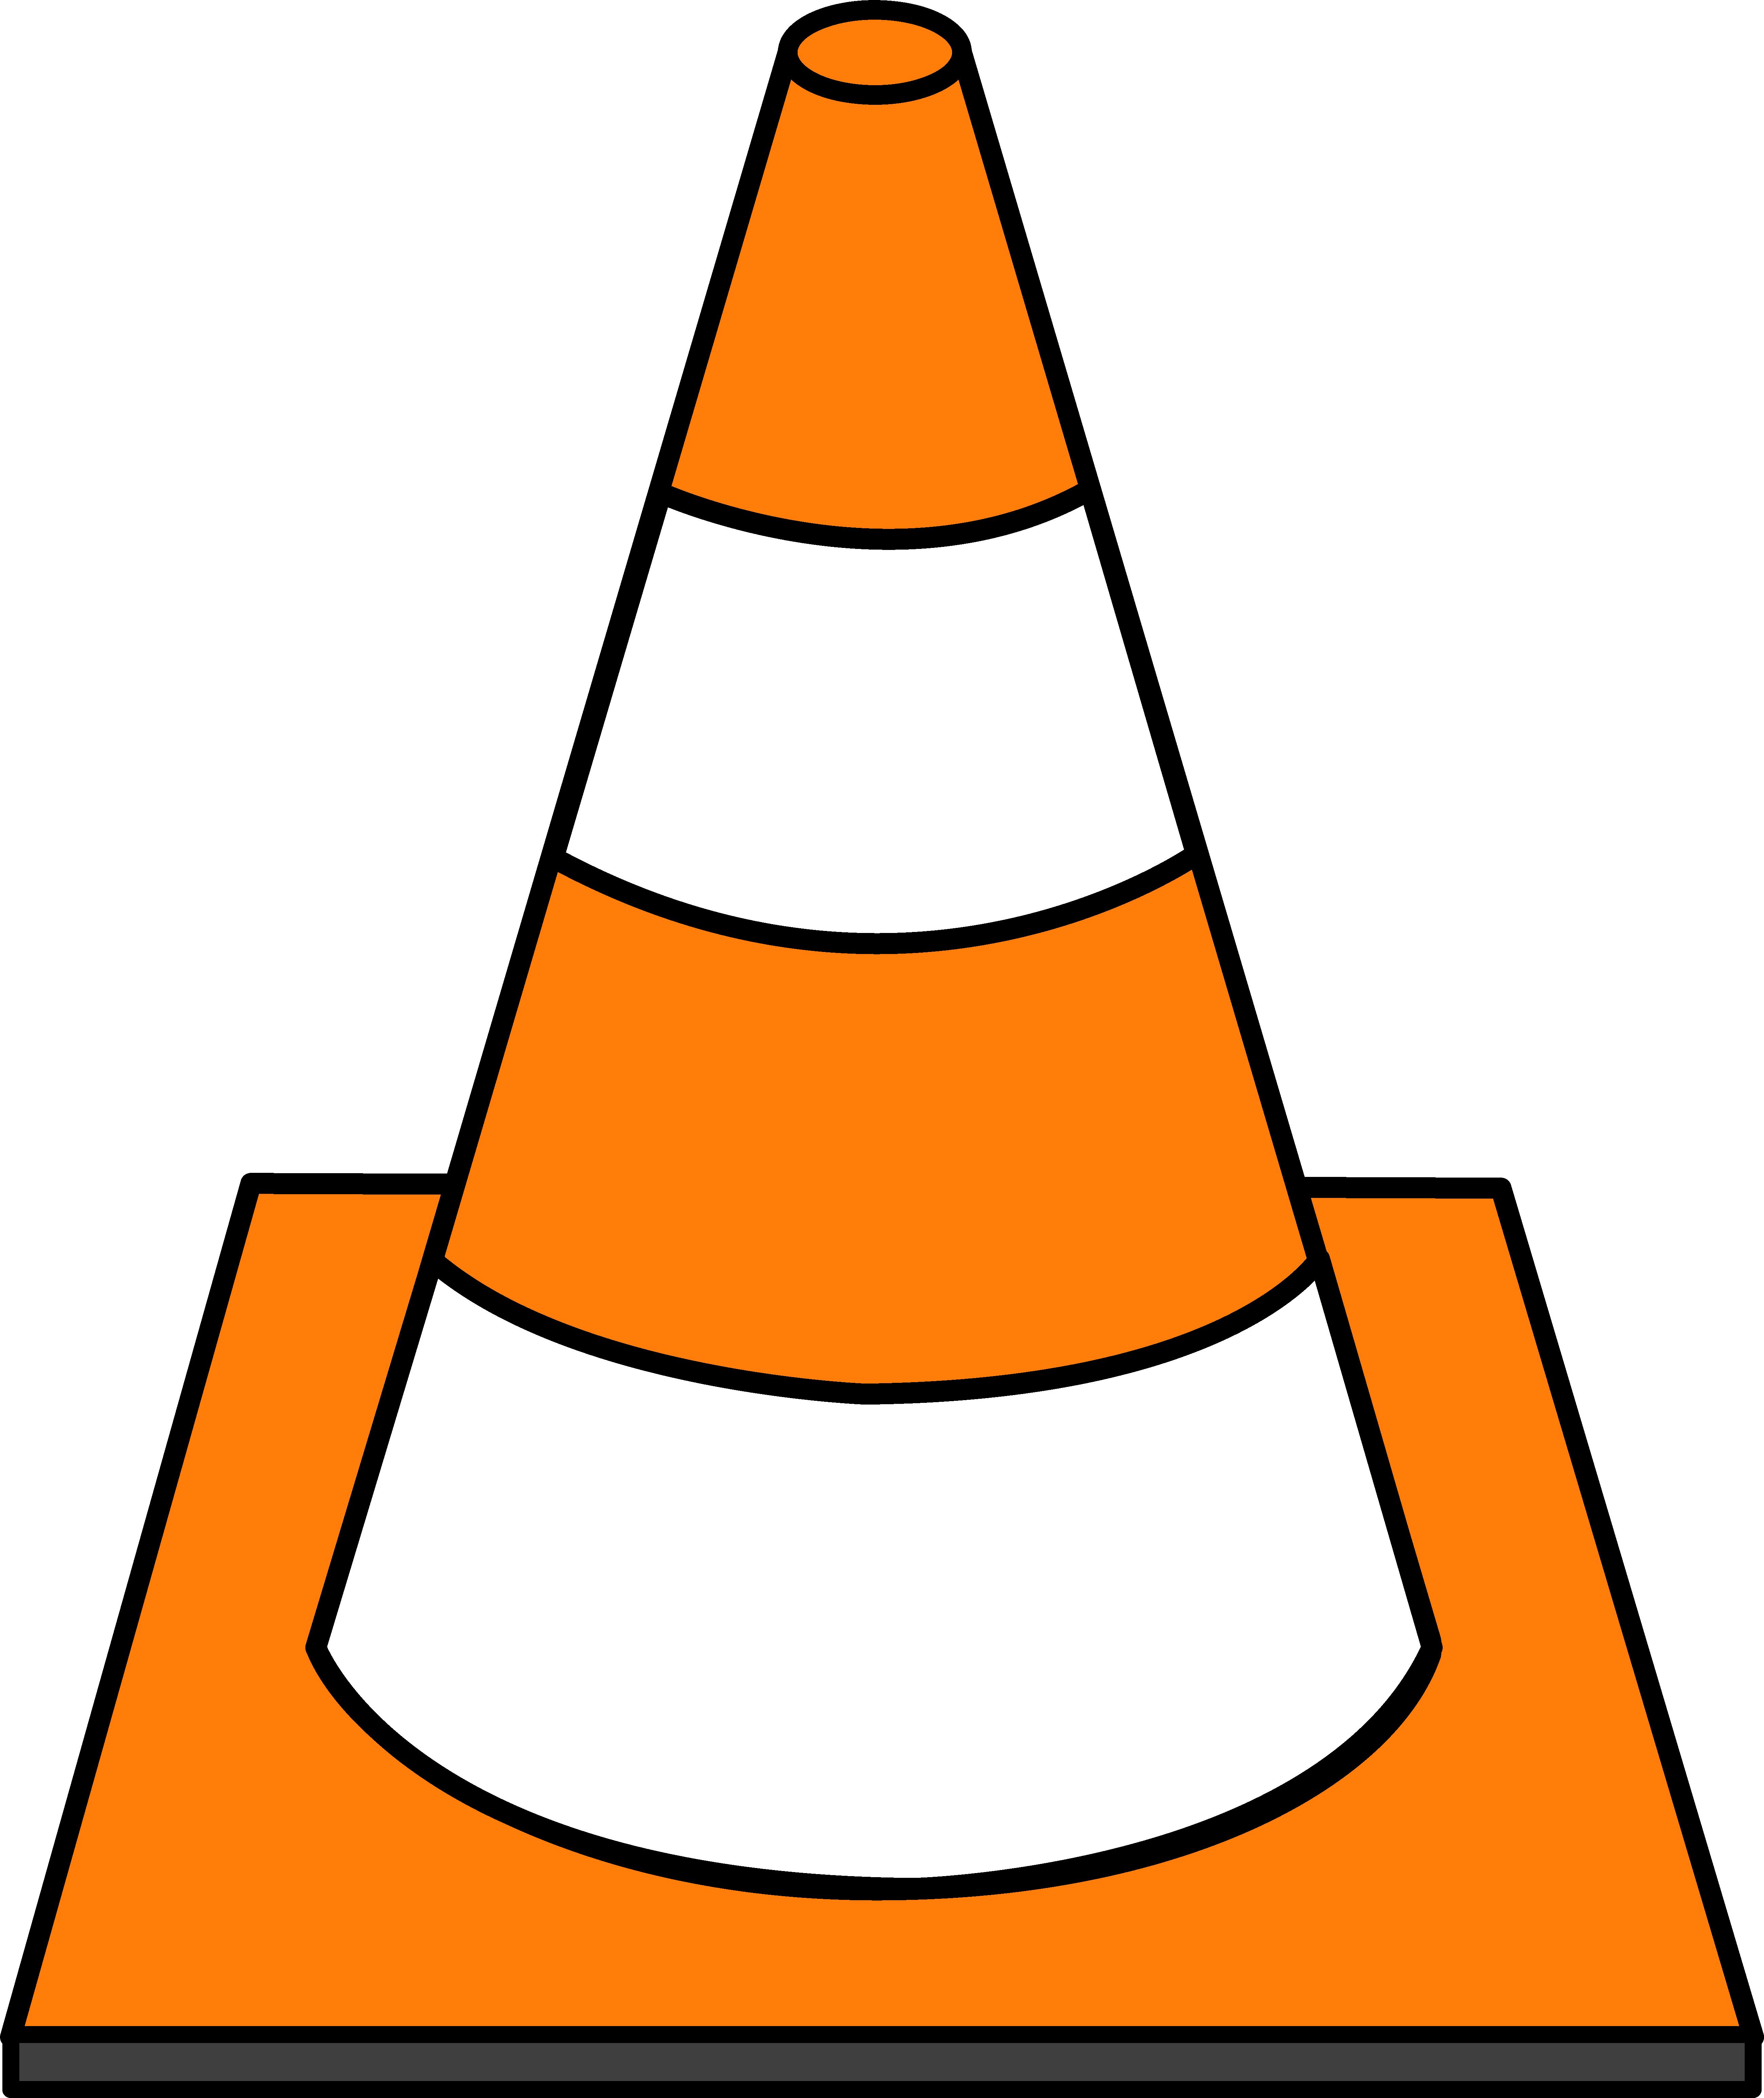 5199x6184 Striped Traffic Cone